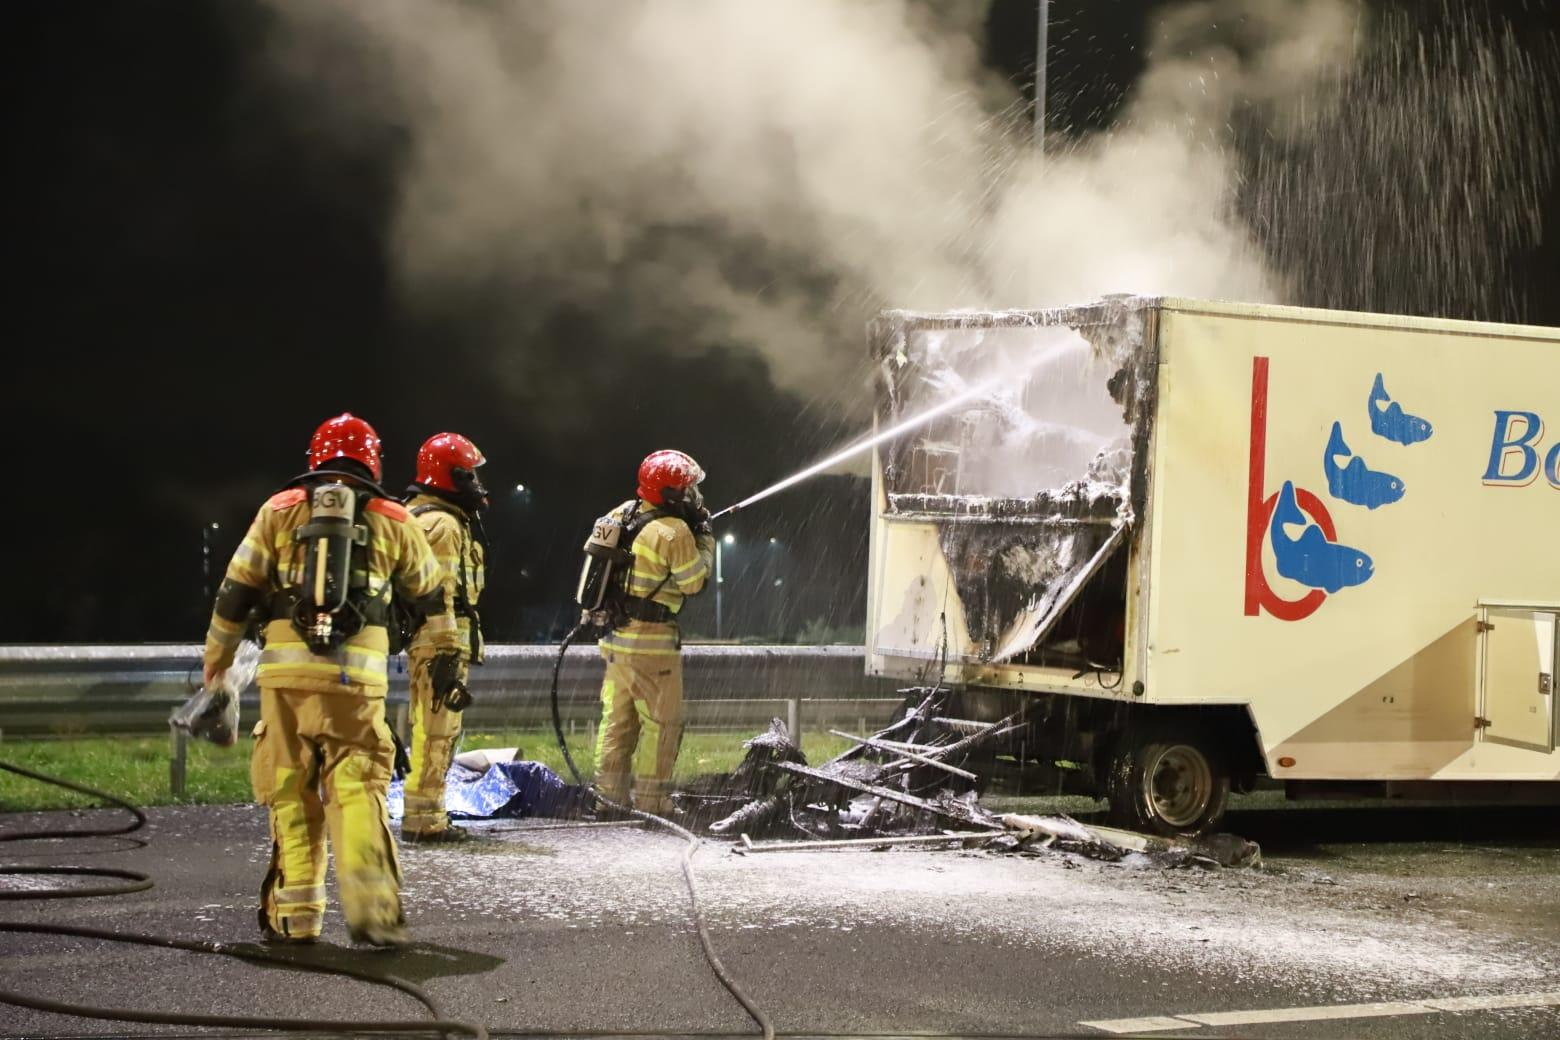 Visverkoopwagen in brand op A6 bij Muiderberg